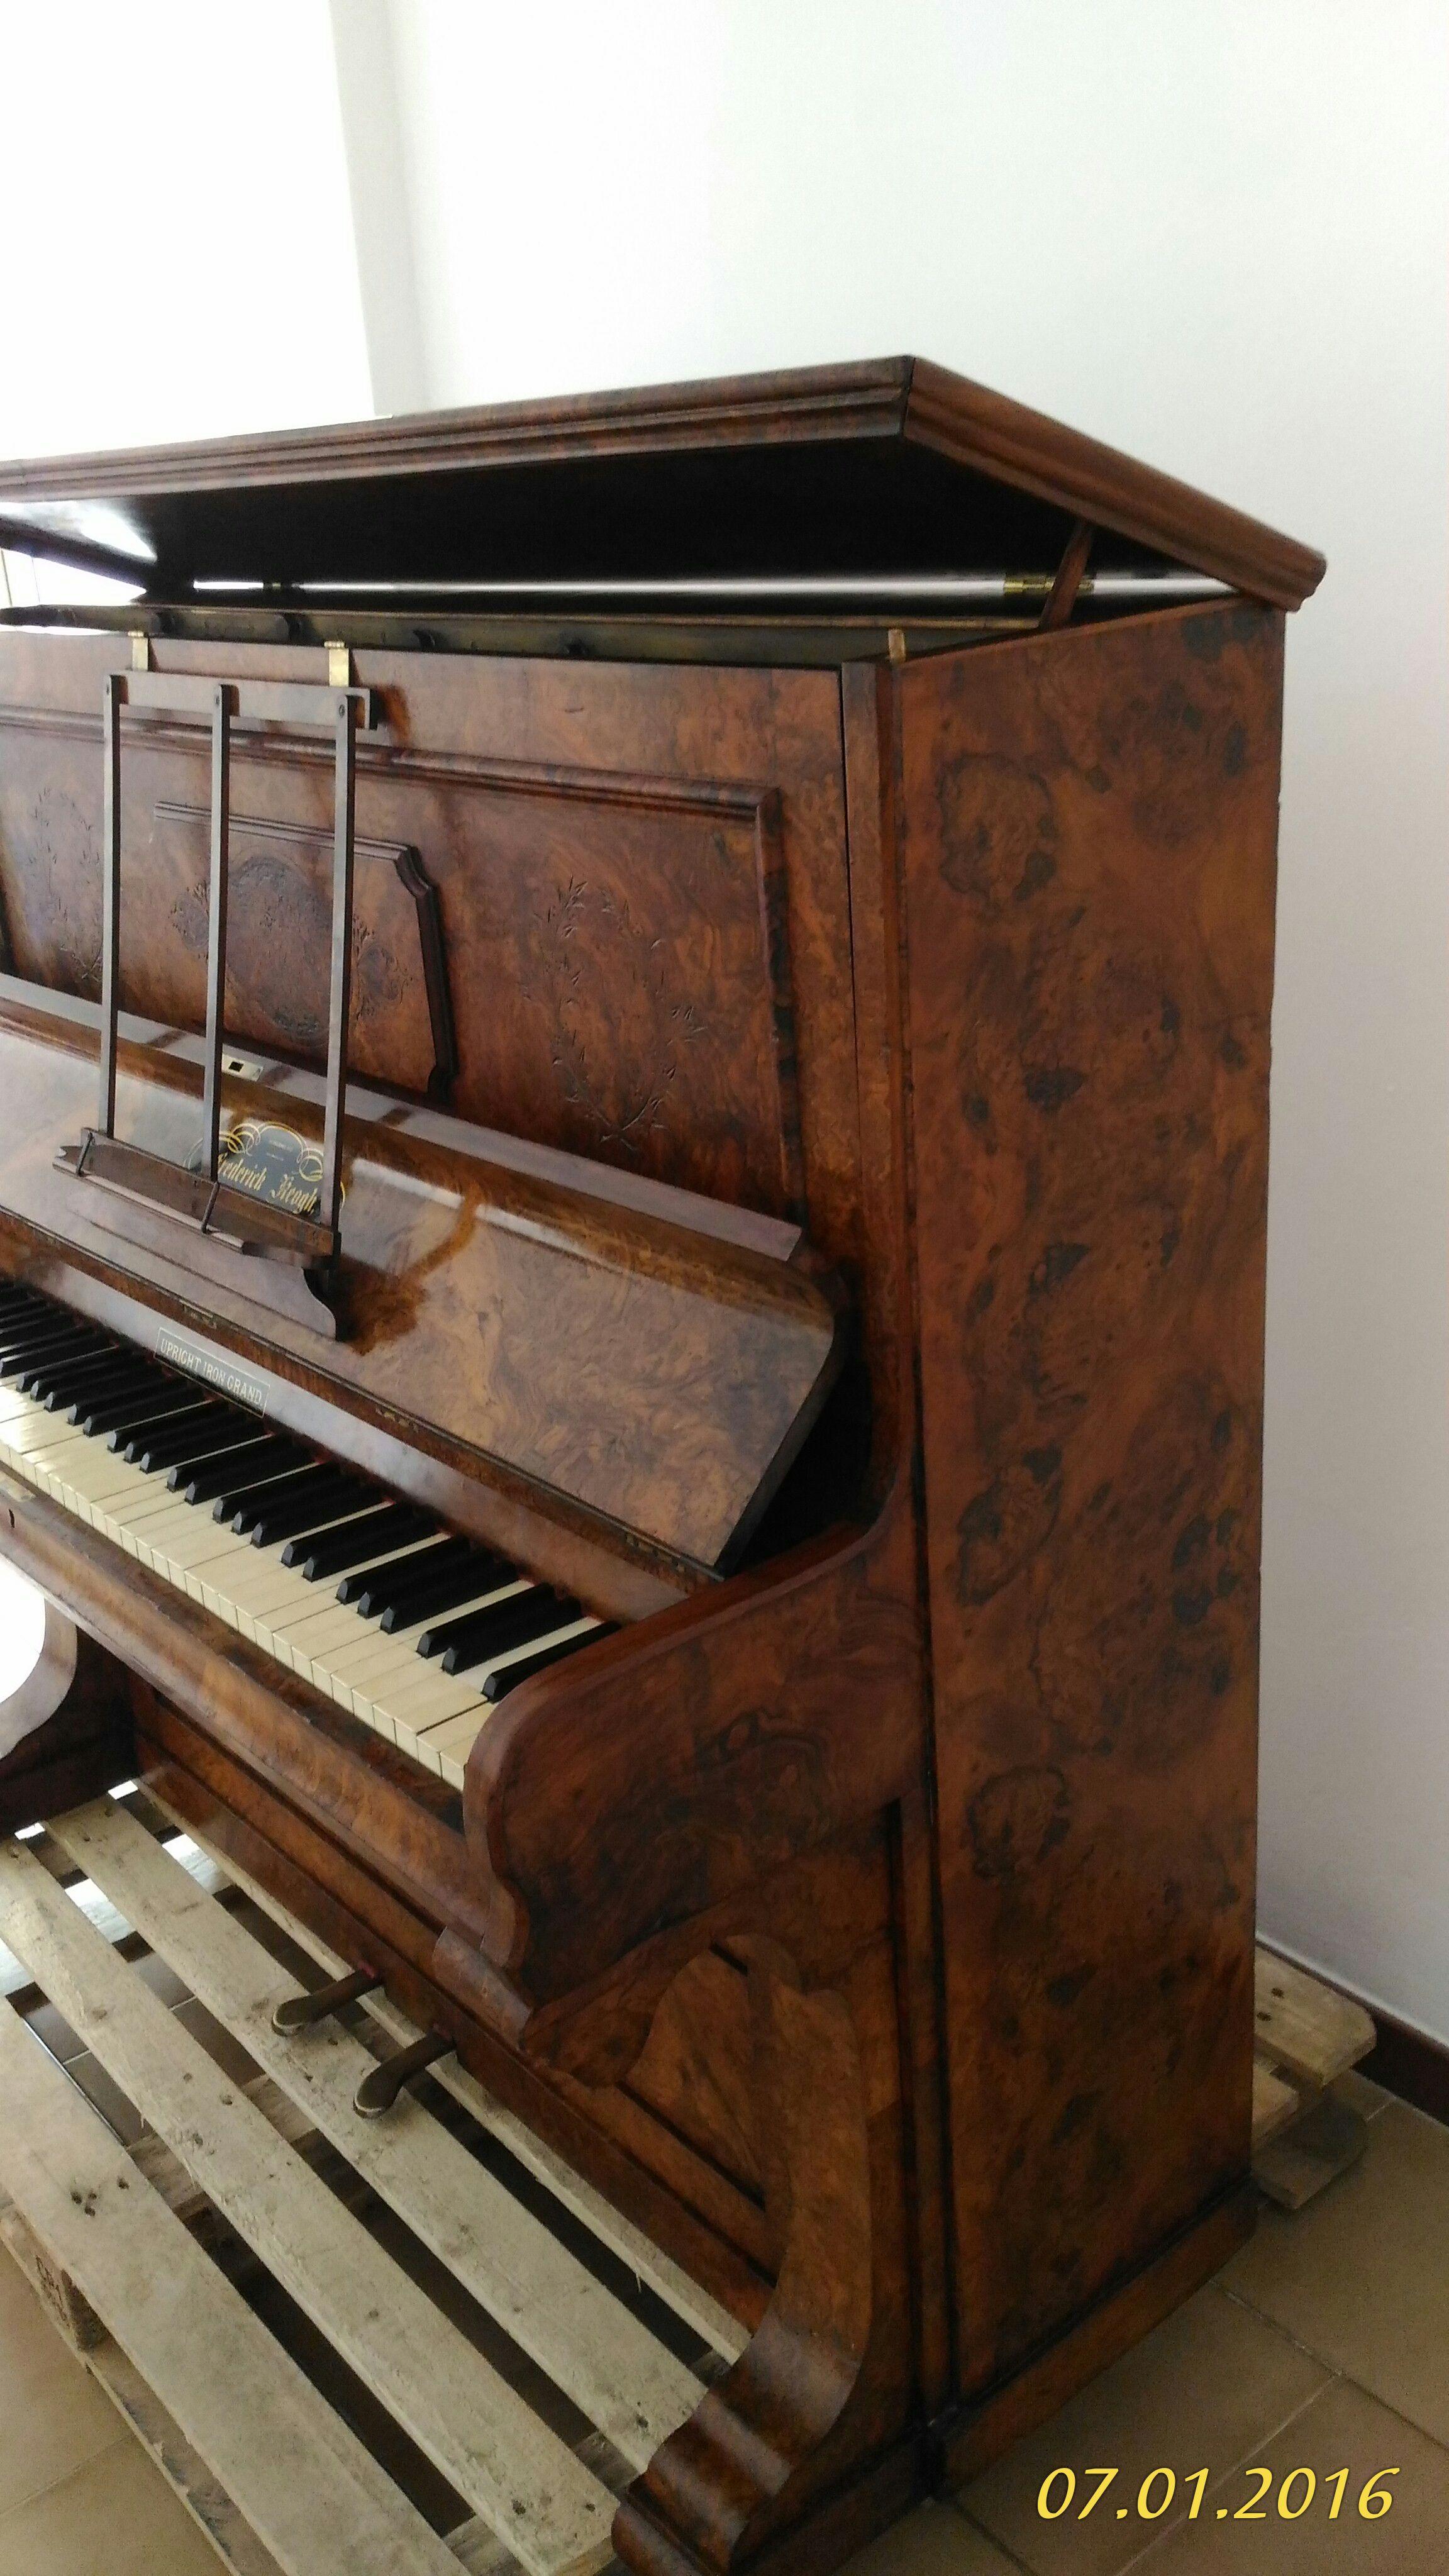 Пианино Фредерик, 1870, Лондон